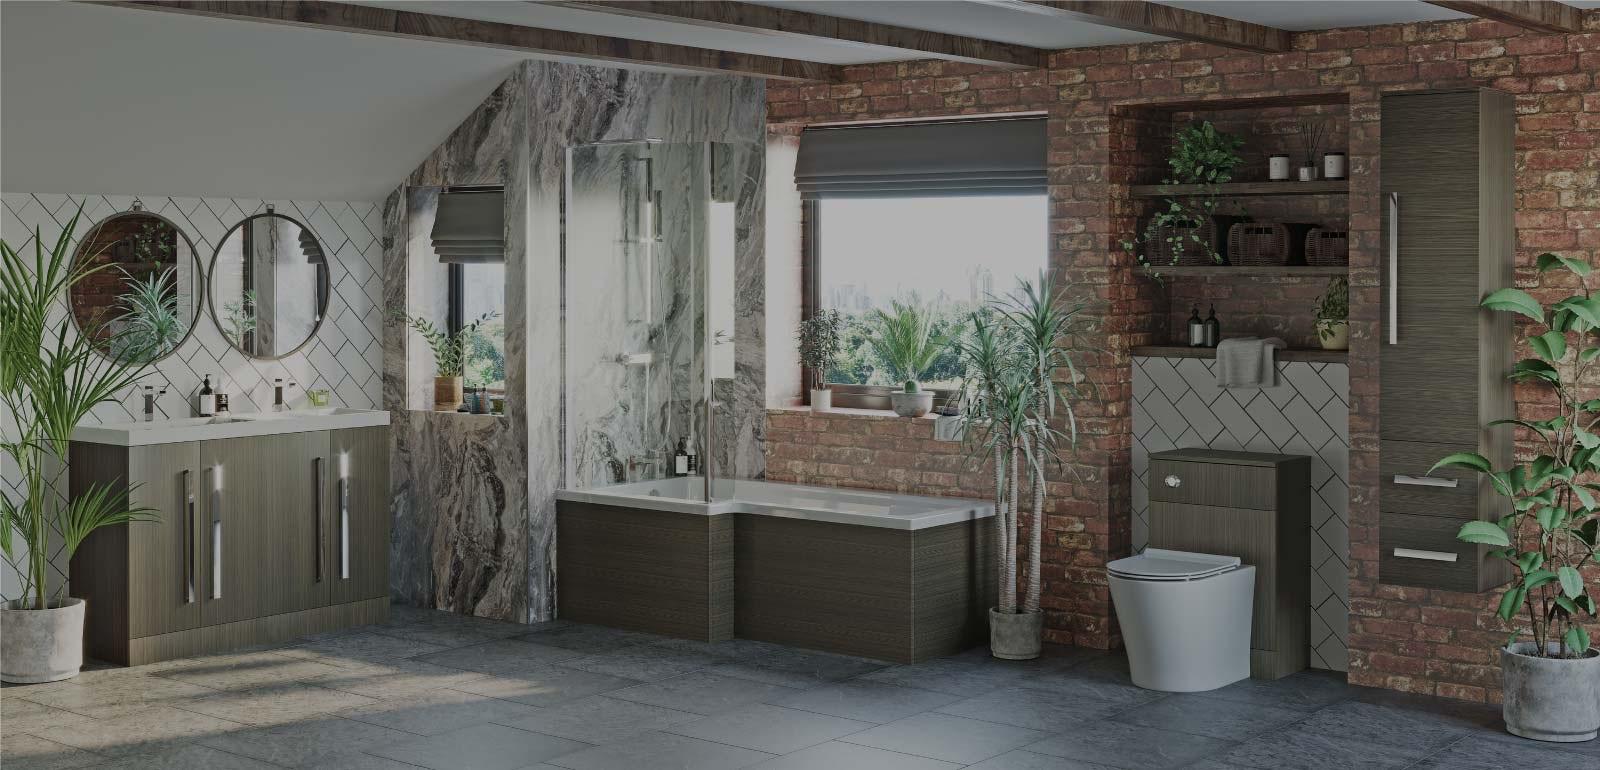 Bathroom Ideas: Natural Elements part 3